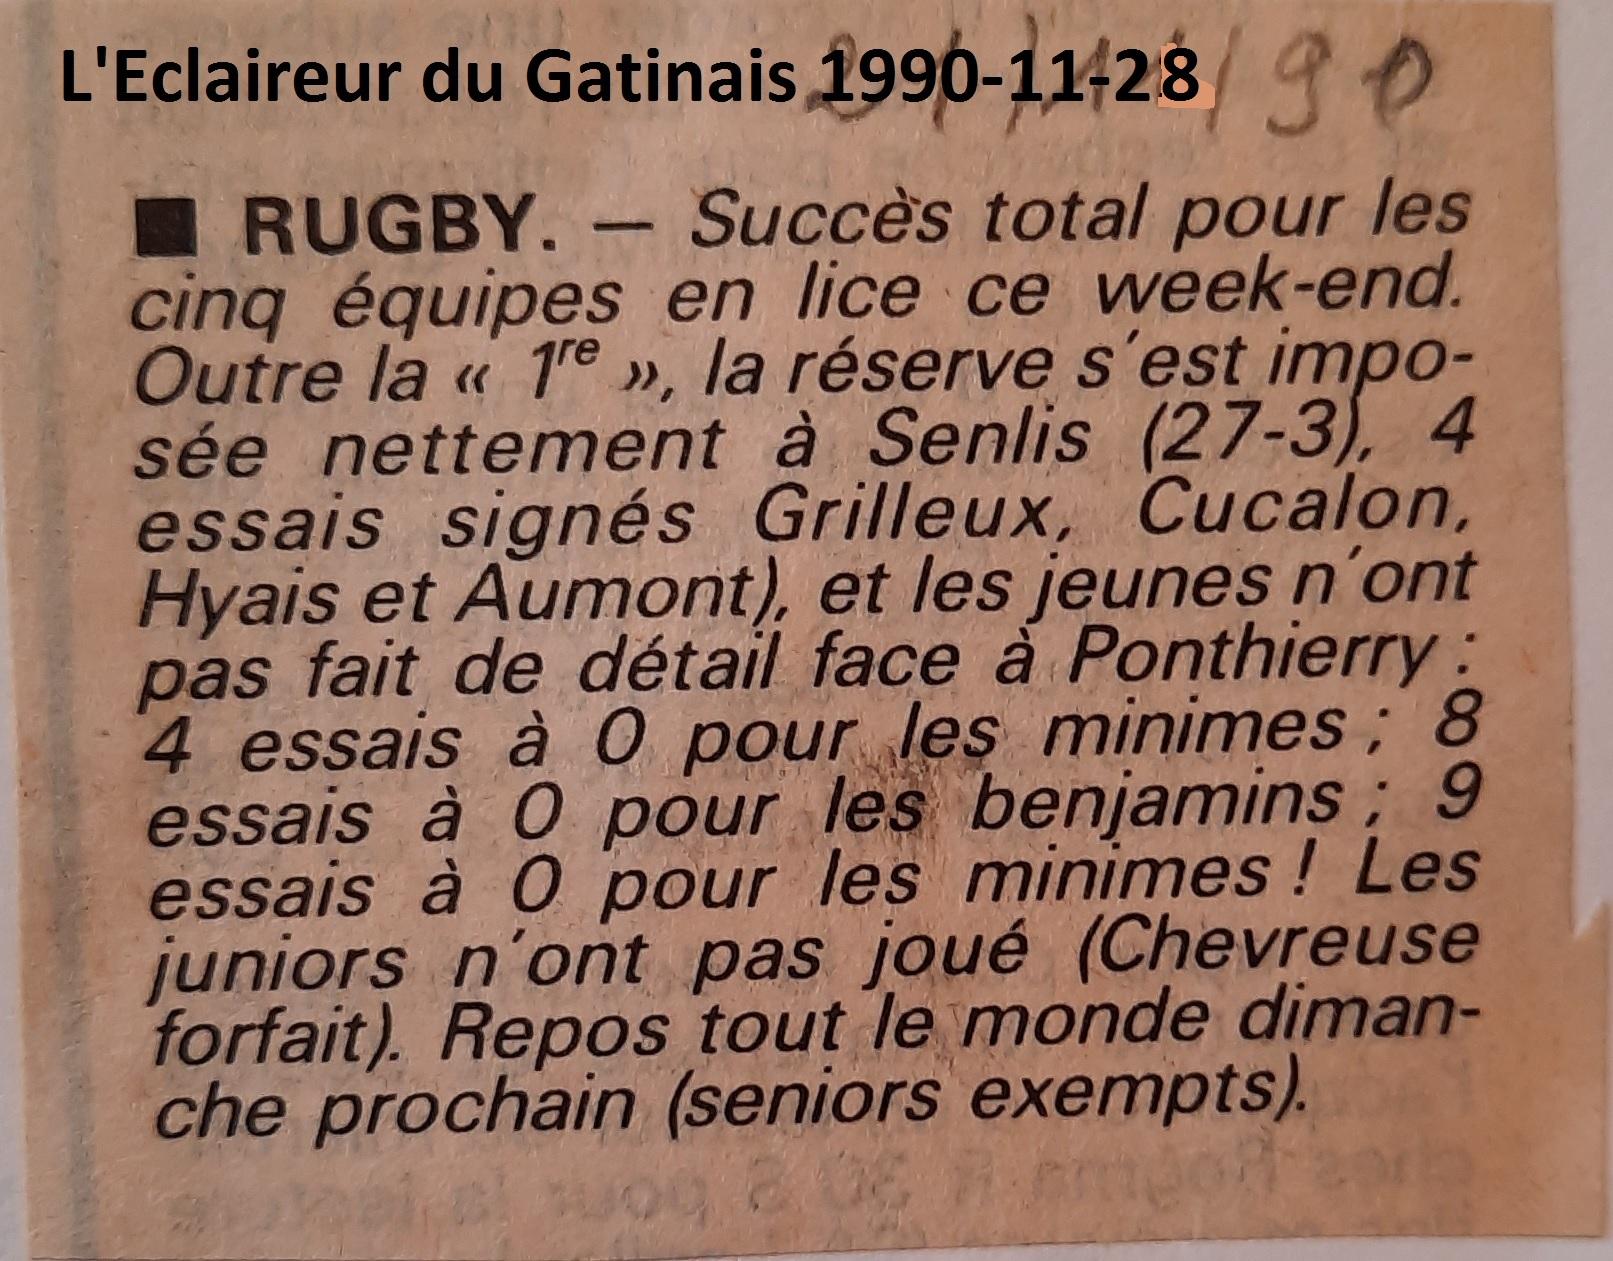 La République 1990-11-26a